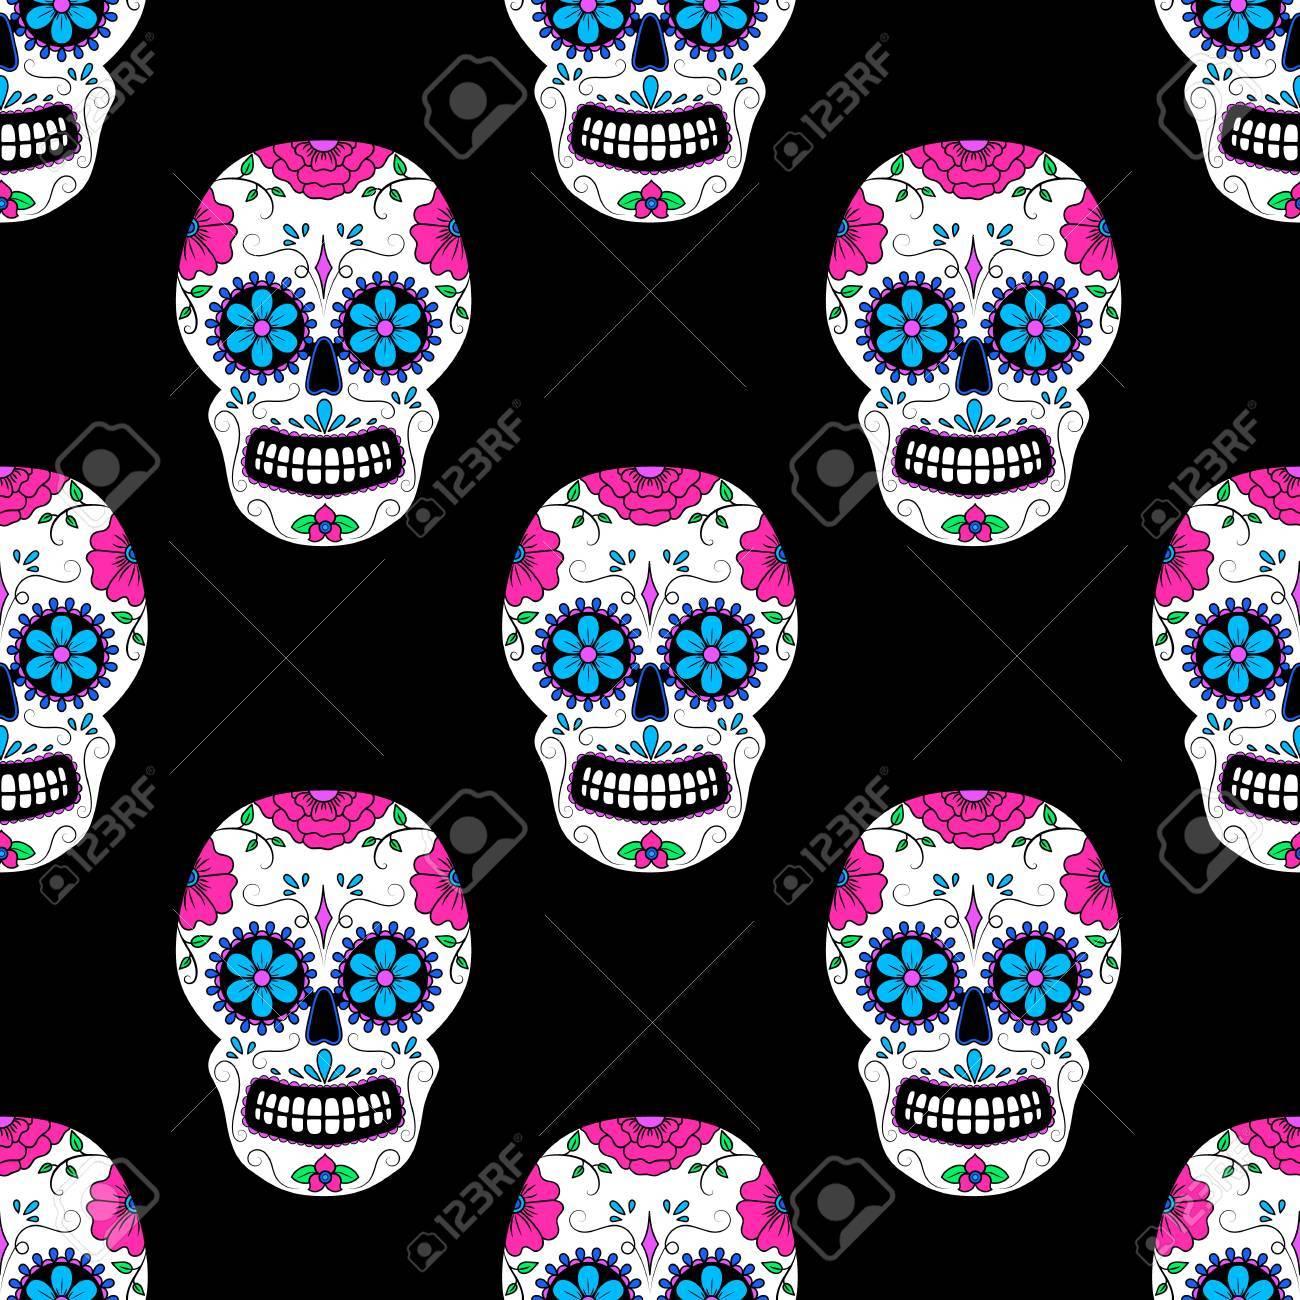 Vettoriale Day Of The Dead Cranio Colorato Con Ornamento Floreale